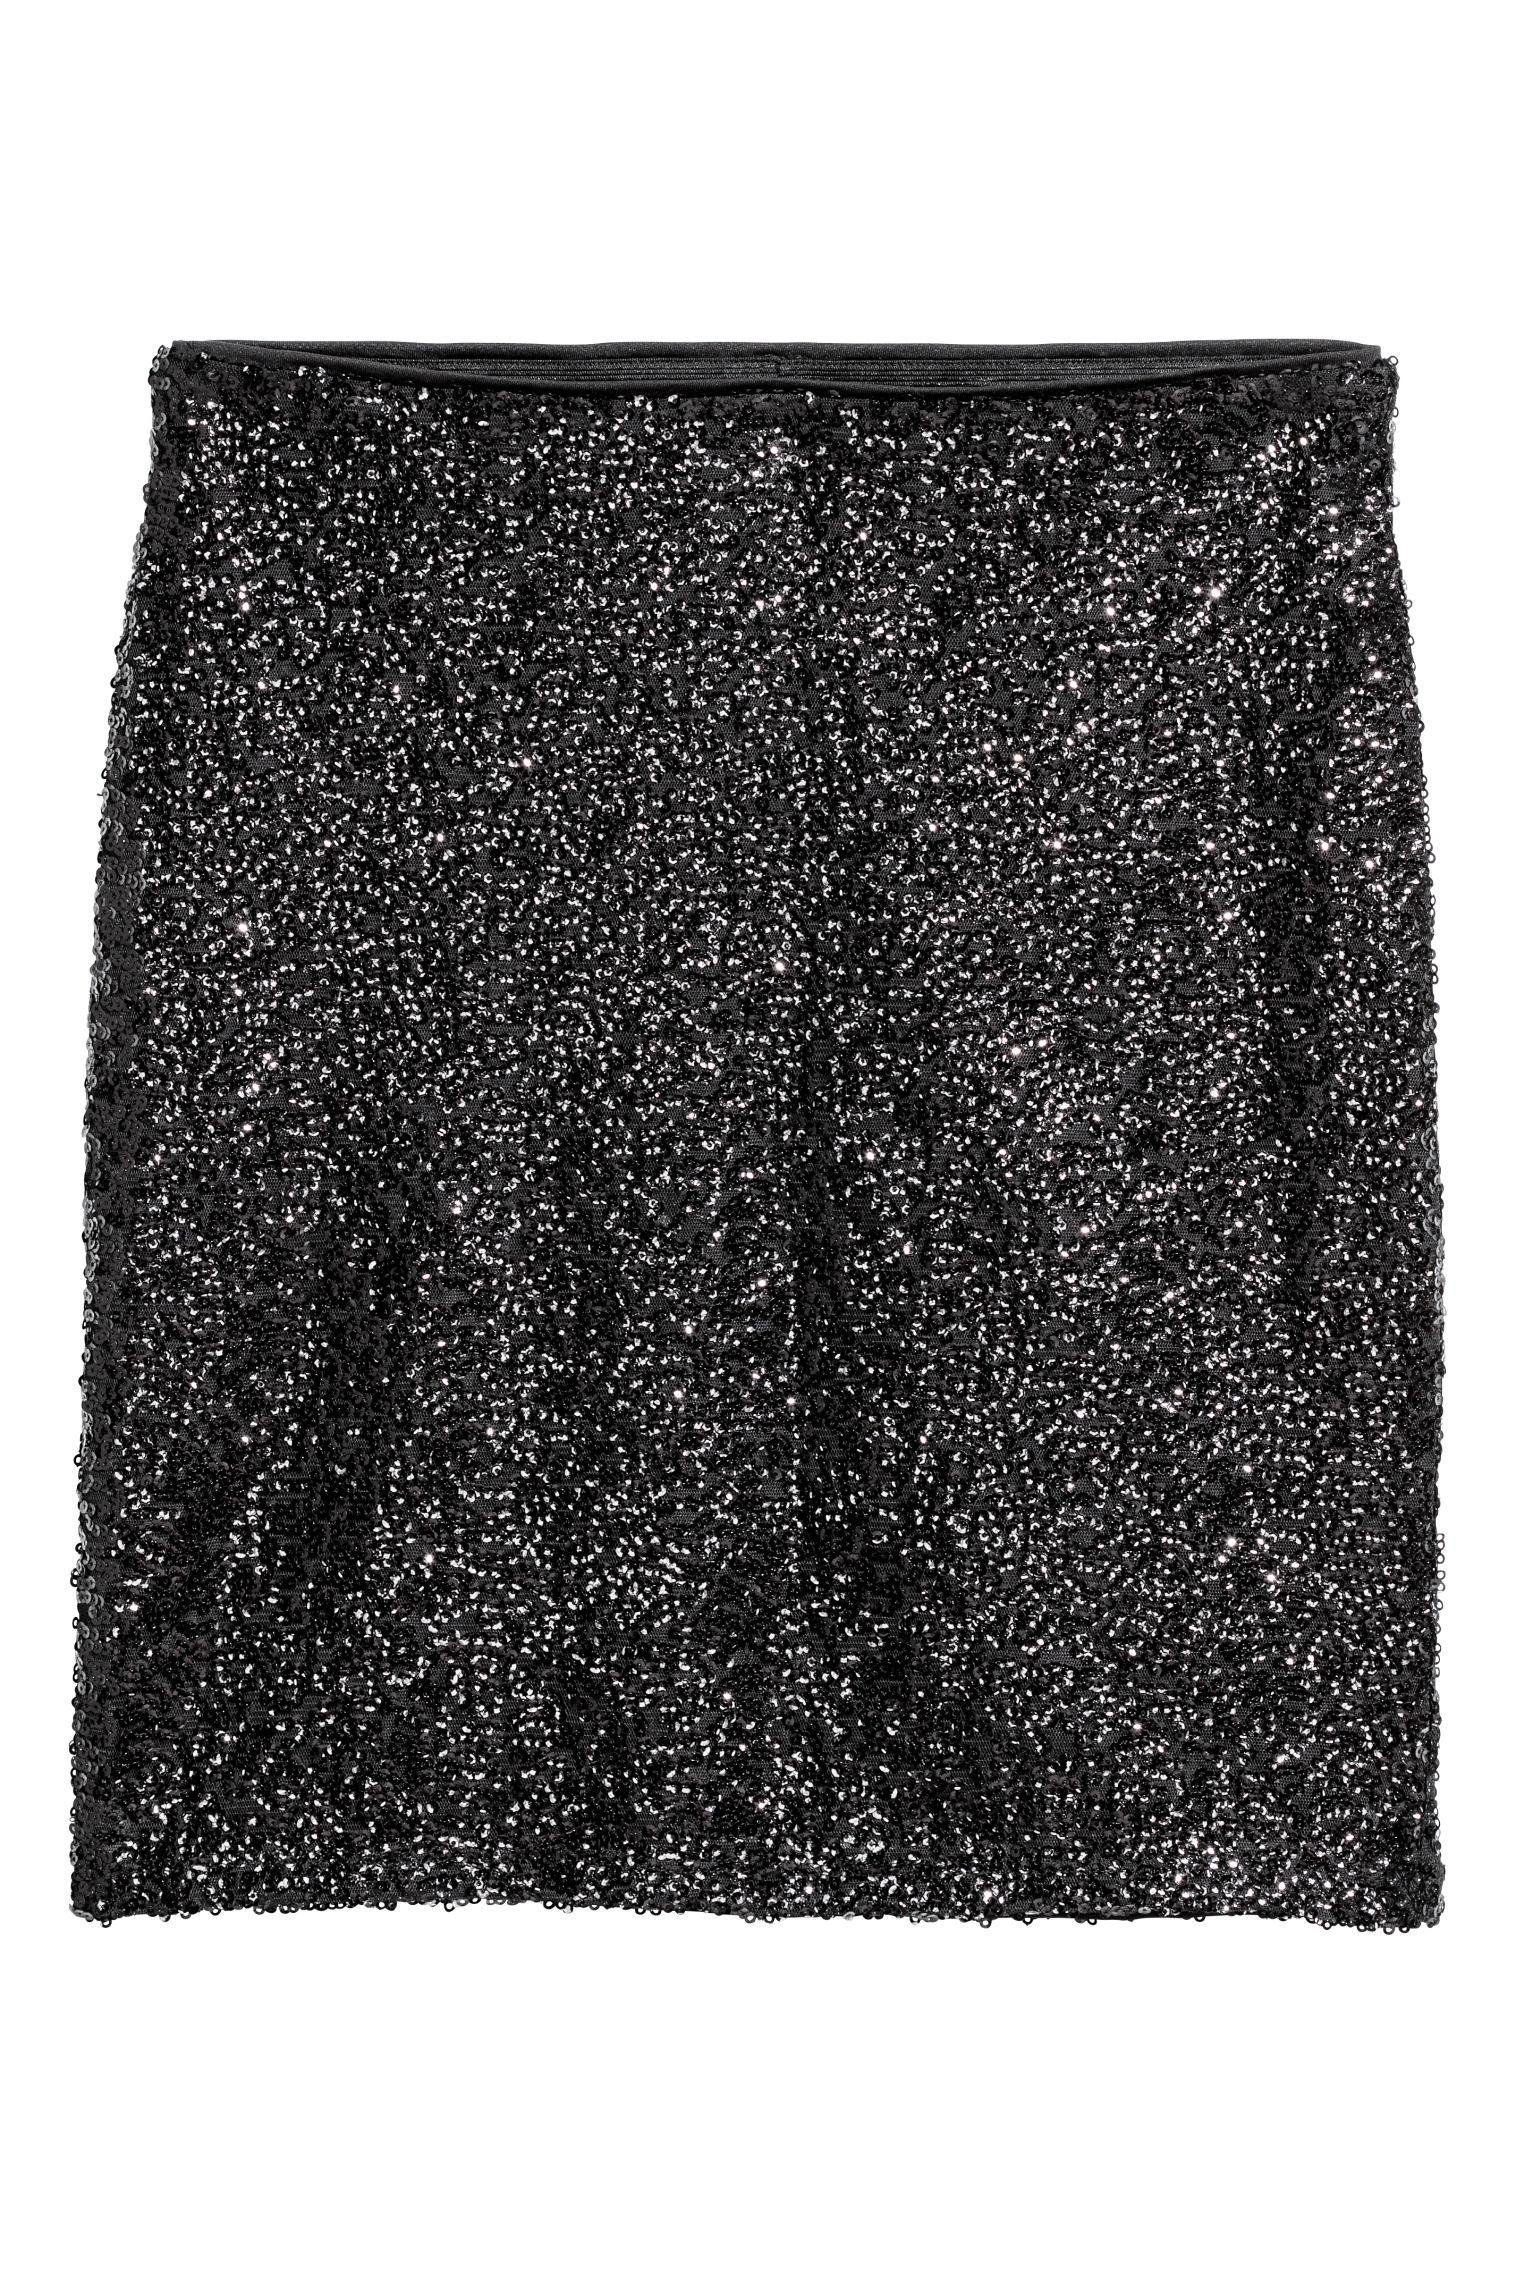 2b32c38d6de Jupe scintillante - Noir paillettes -